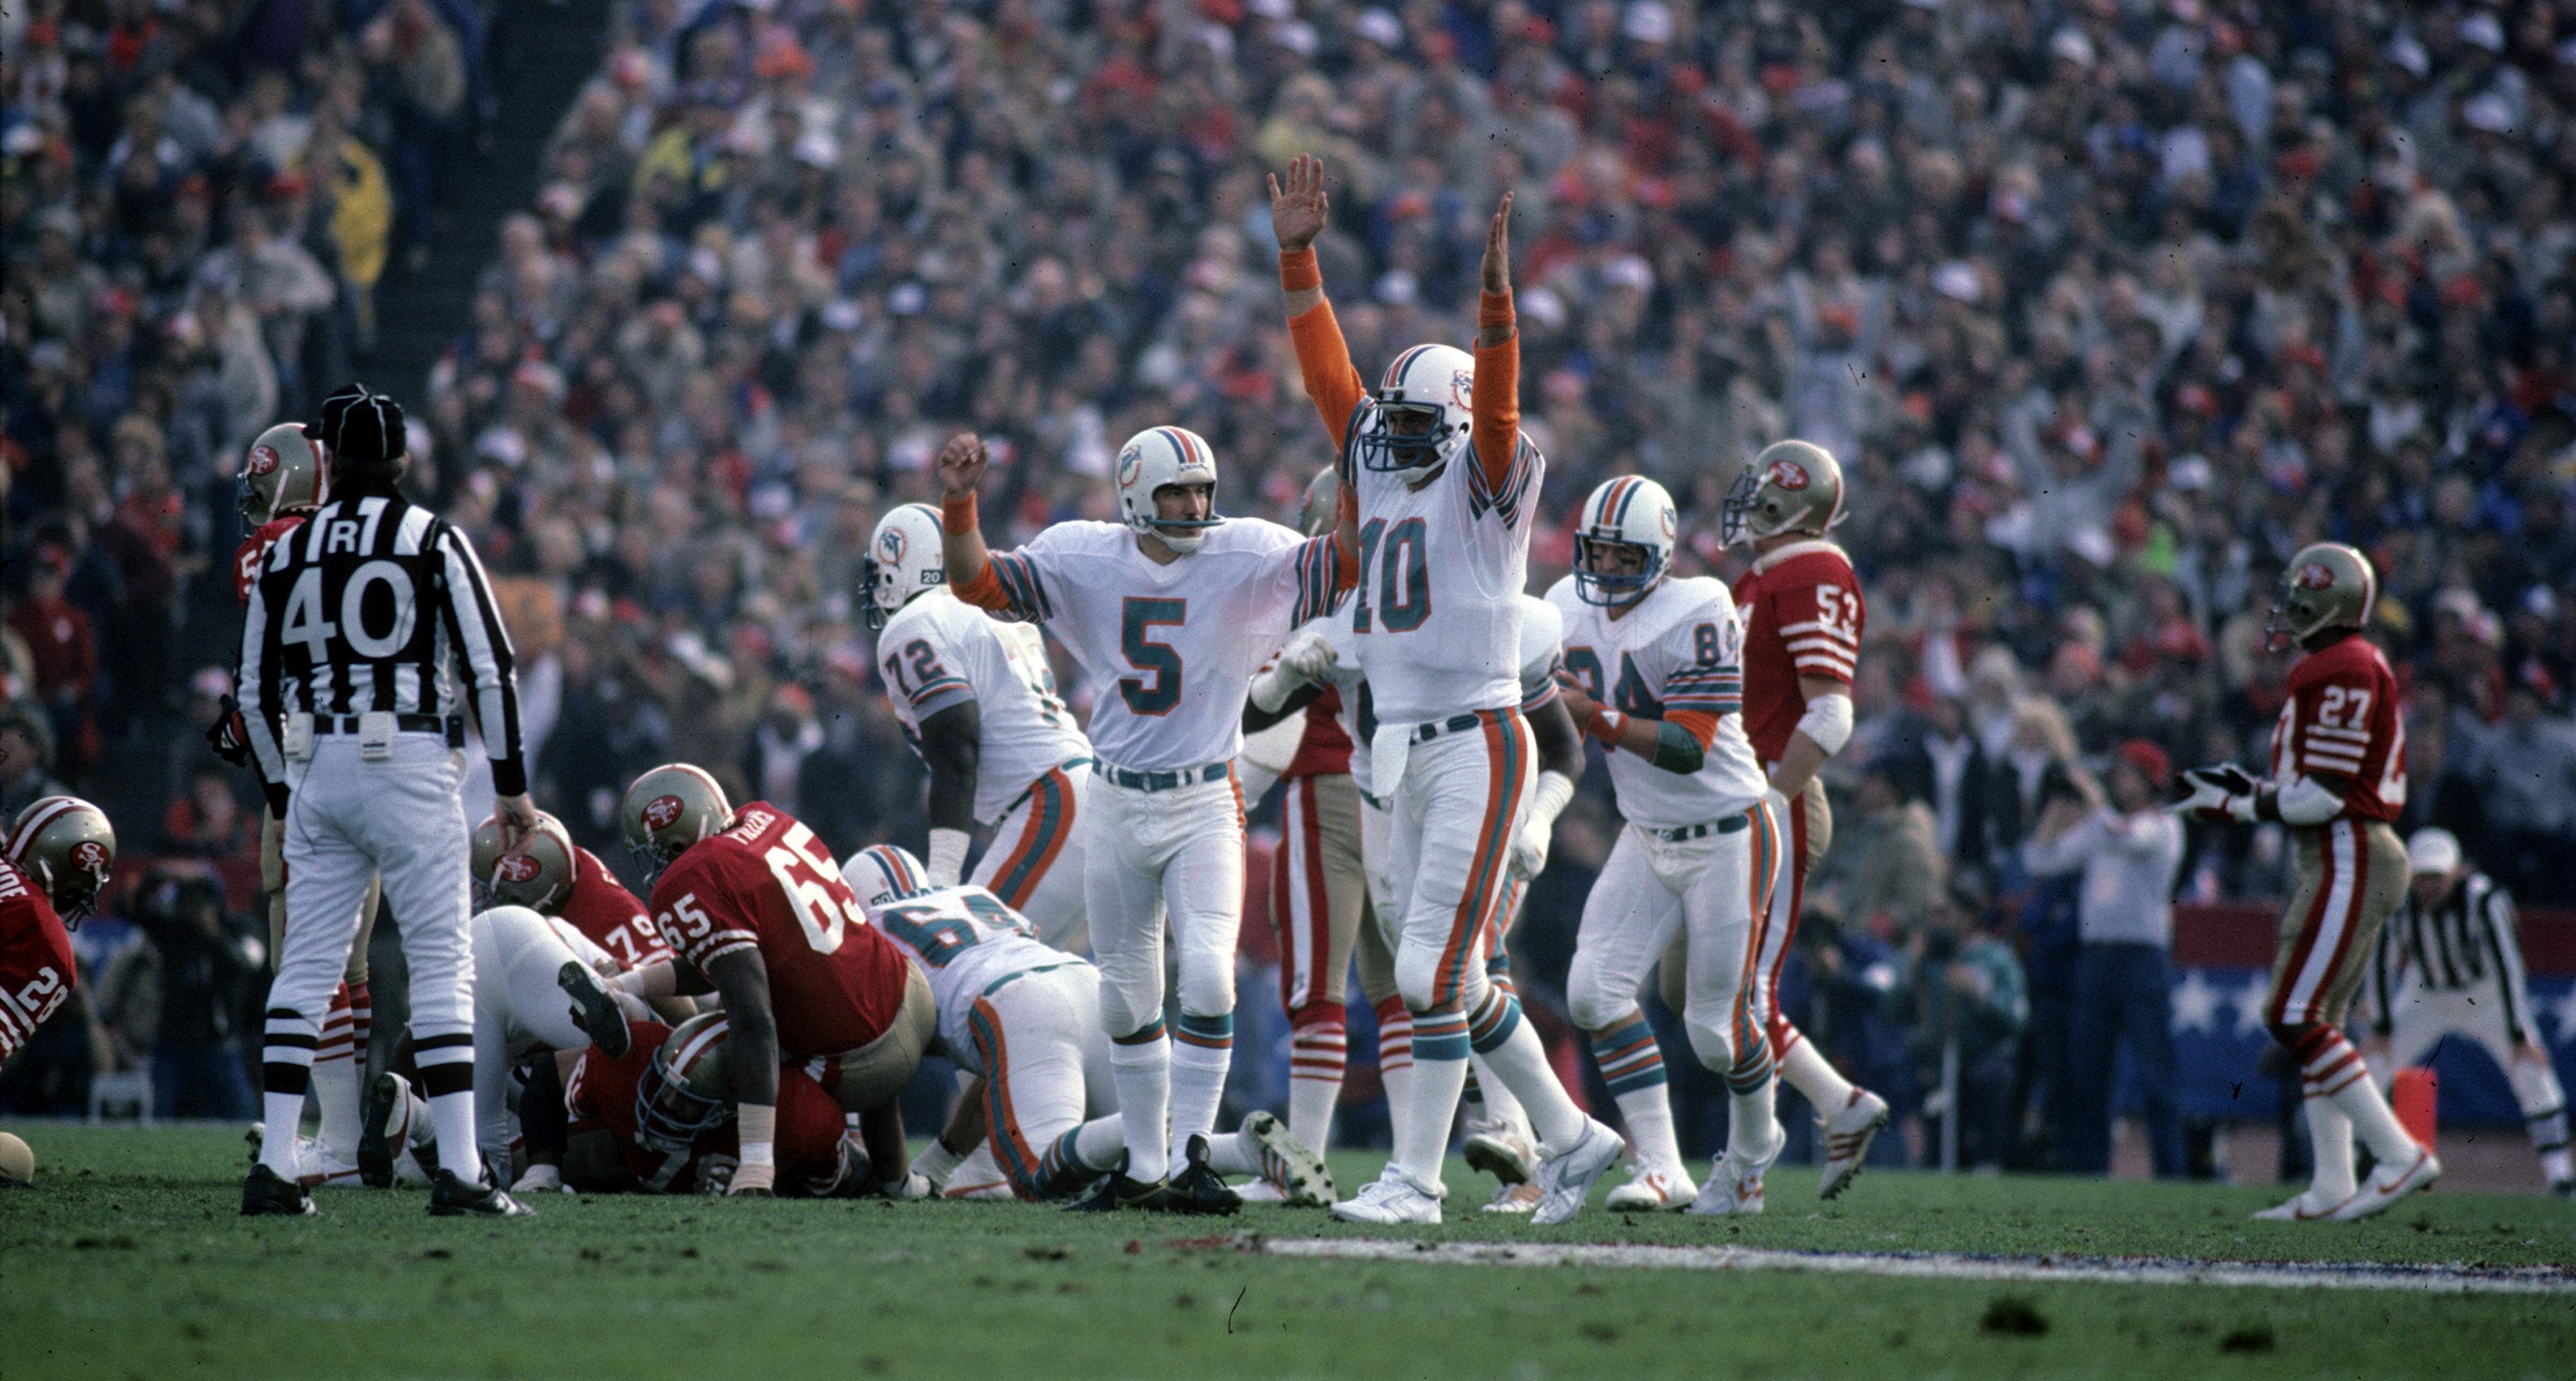 Dolphins kicker Uwe Von Schamann and holder Don Strock celebrate a field goal during Super Bowl XIX